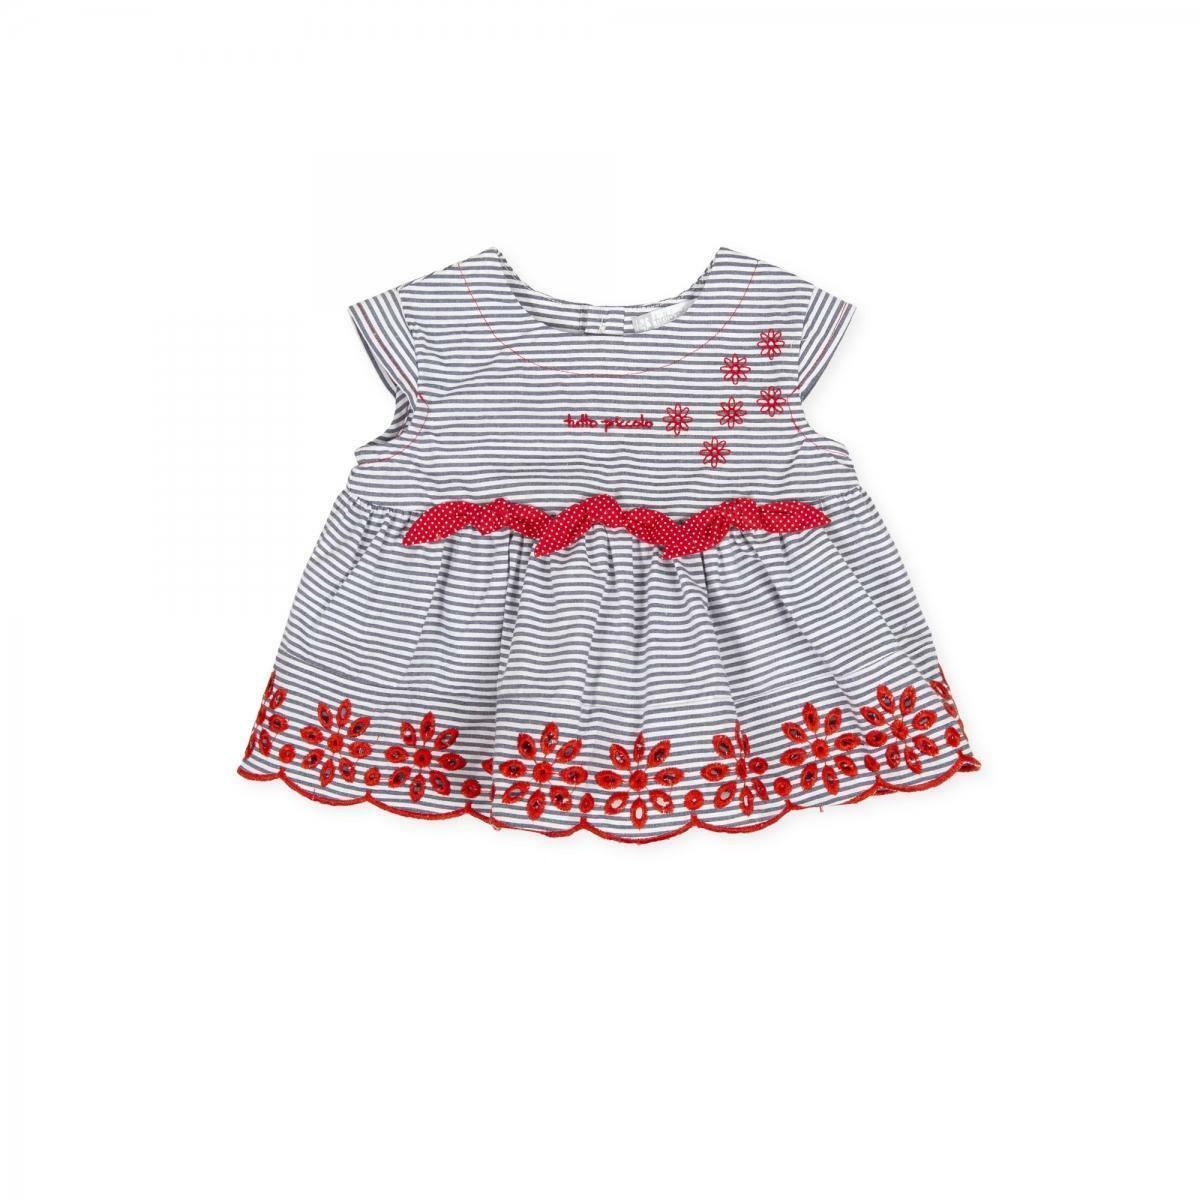 tutto piccolo tutto piccolo camicia neonato blu bianco rosso 8140s20